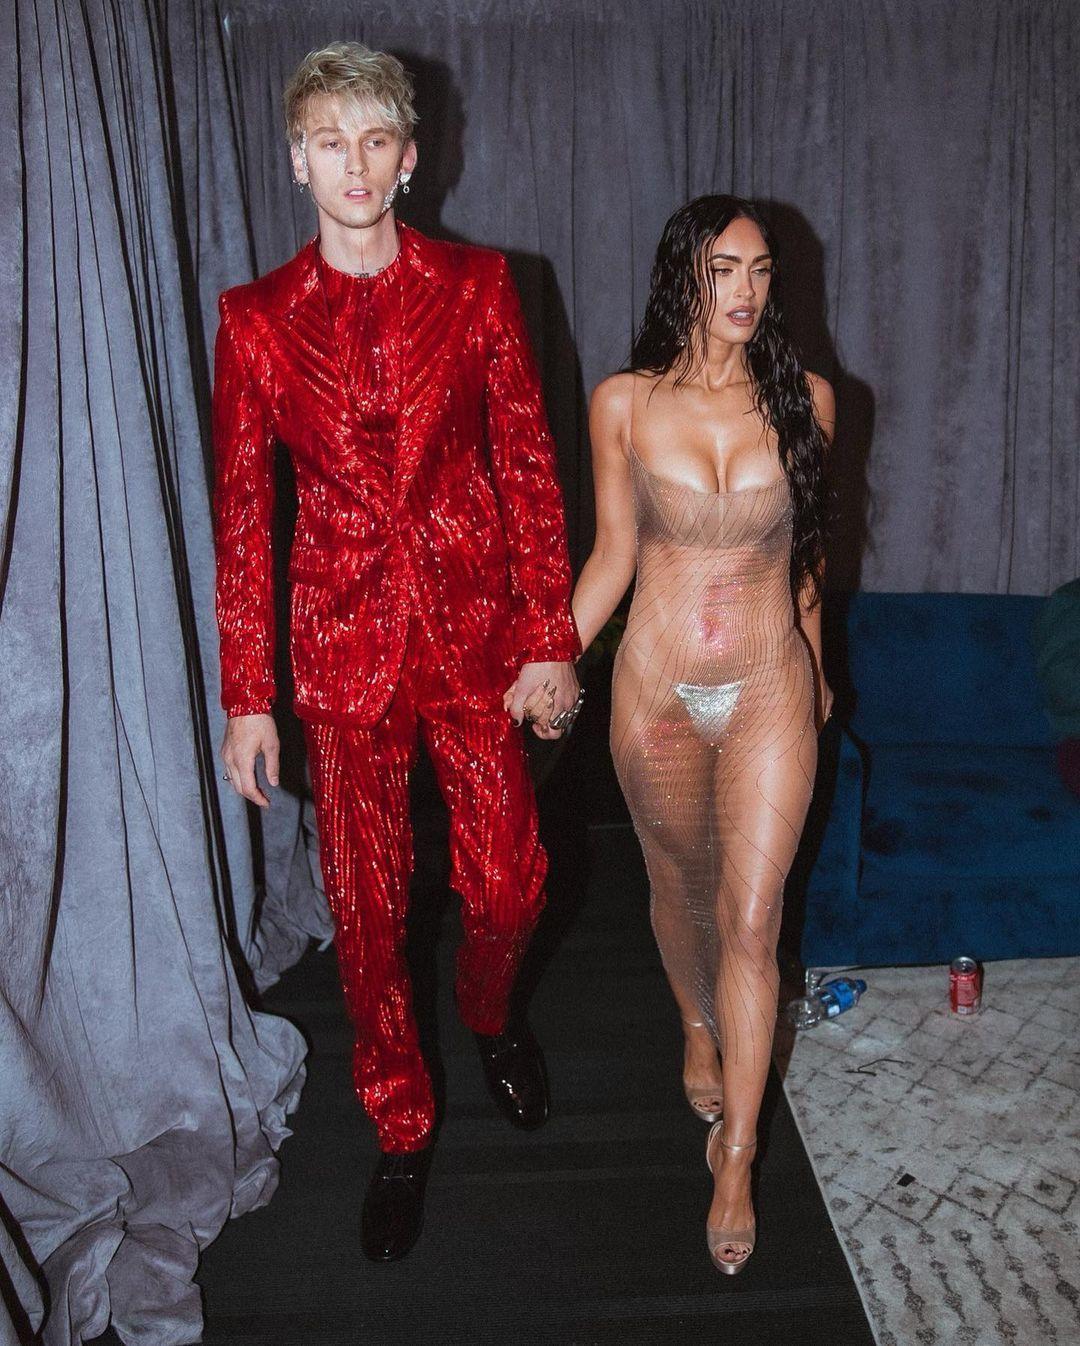 Megan Fox'un MTV müzik ödüllerinde giydiği şeffaf elbisesi olay oldu - Sayfa:2